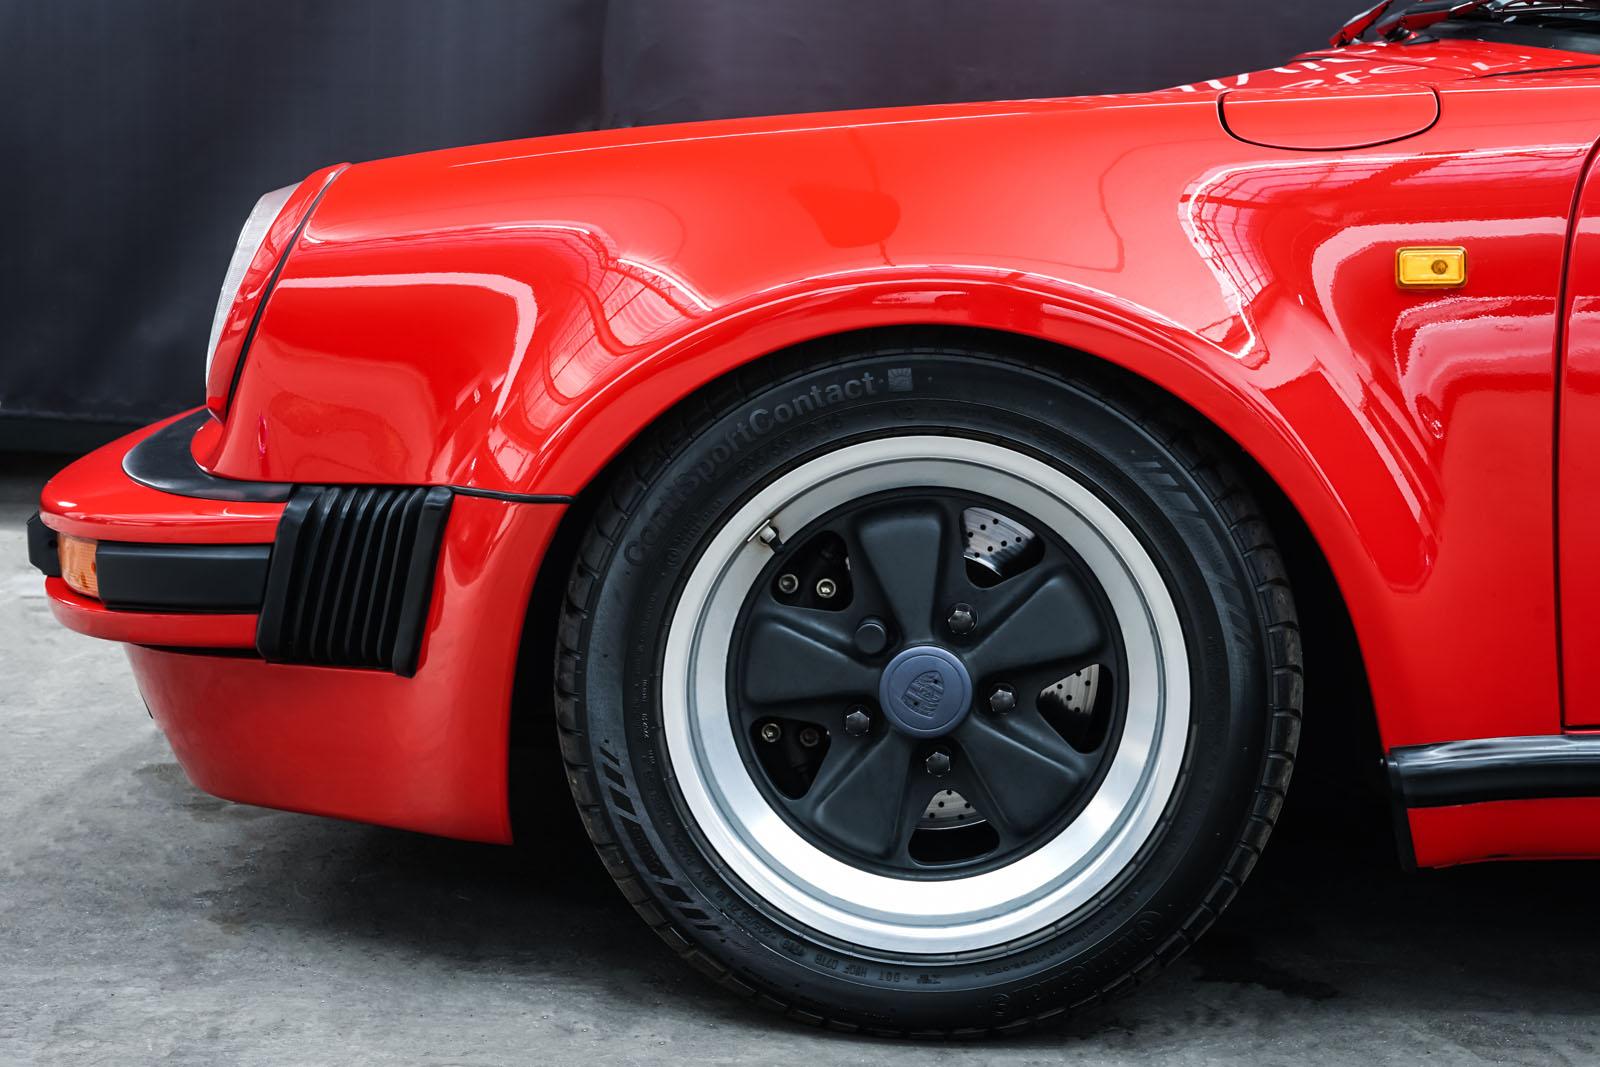 Porsche_911_Speedster_Rot_Schwarz_POR-2352_3_w